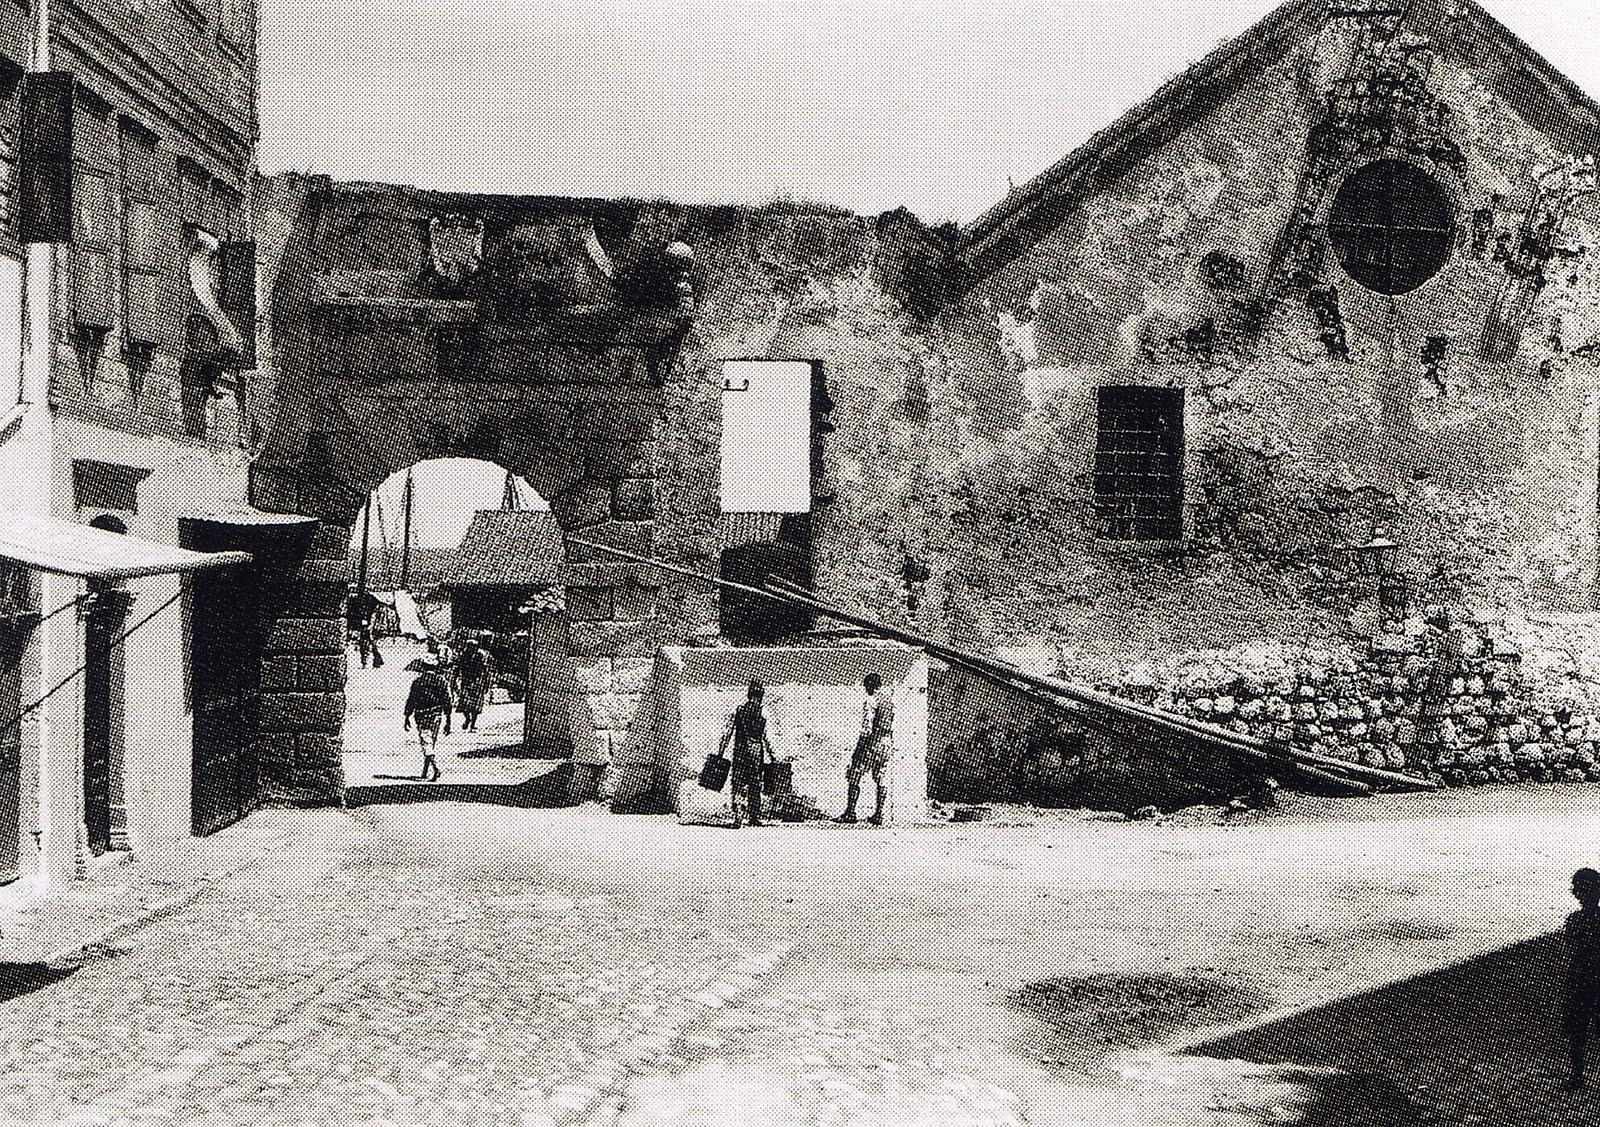 Χανιά - Η πύλη και το Νεώριο - 1911